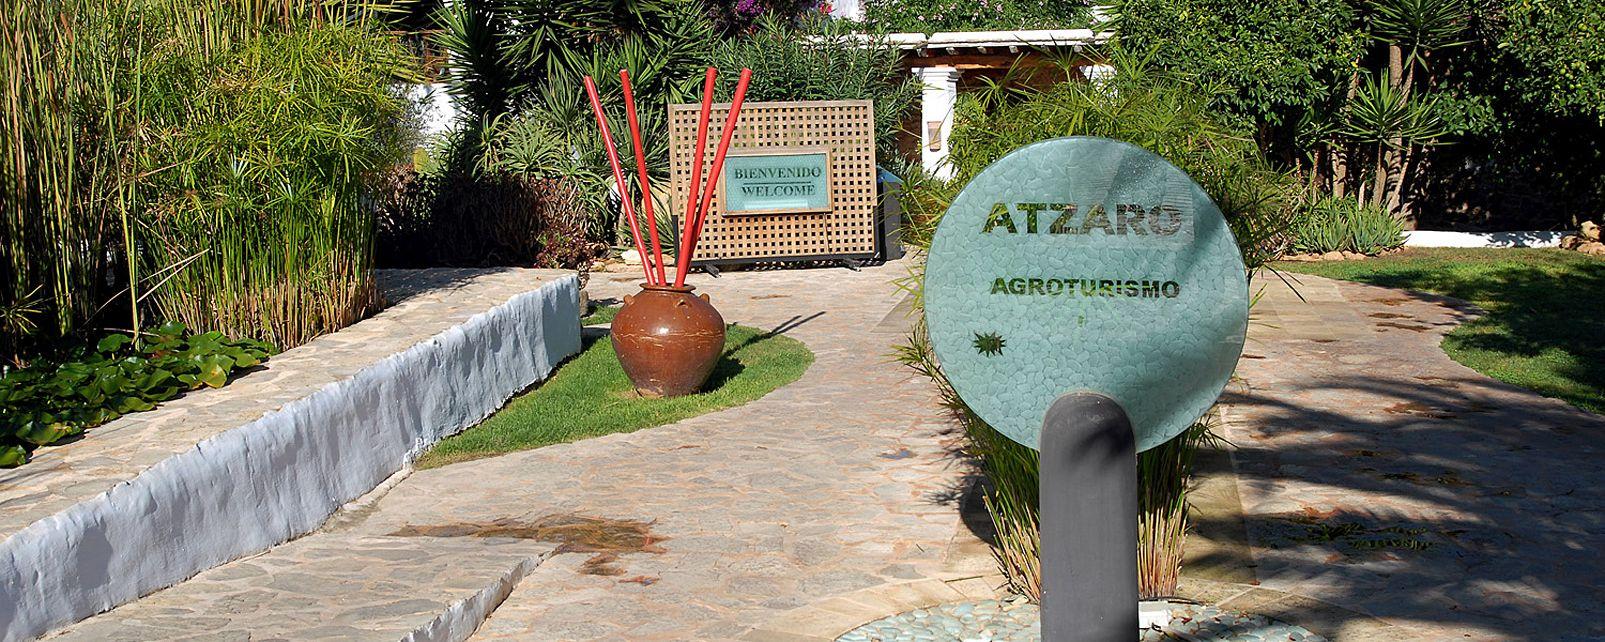 Hotel Rural Atzaro